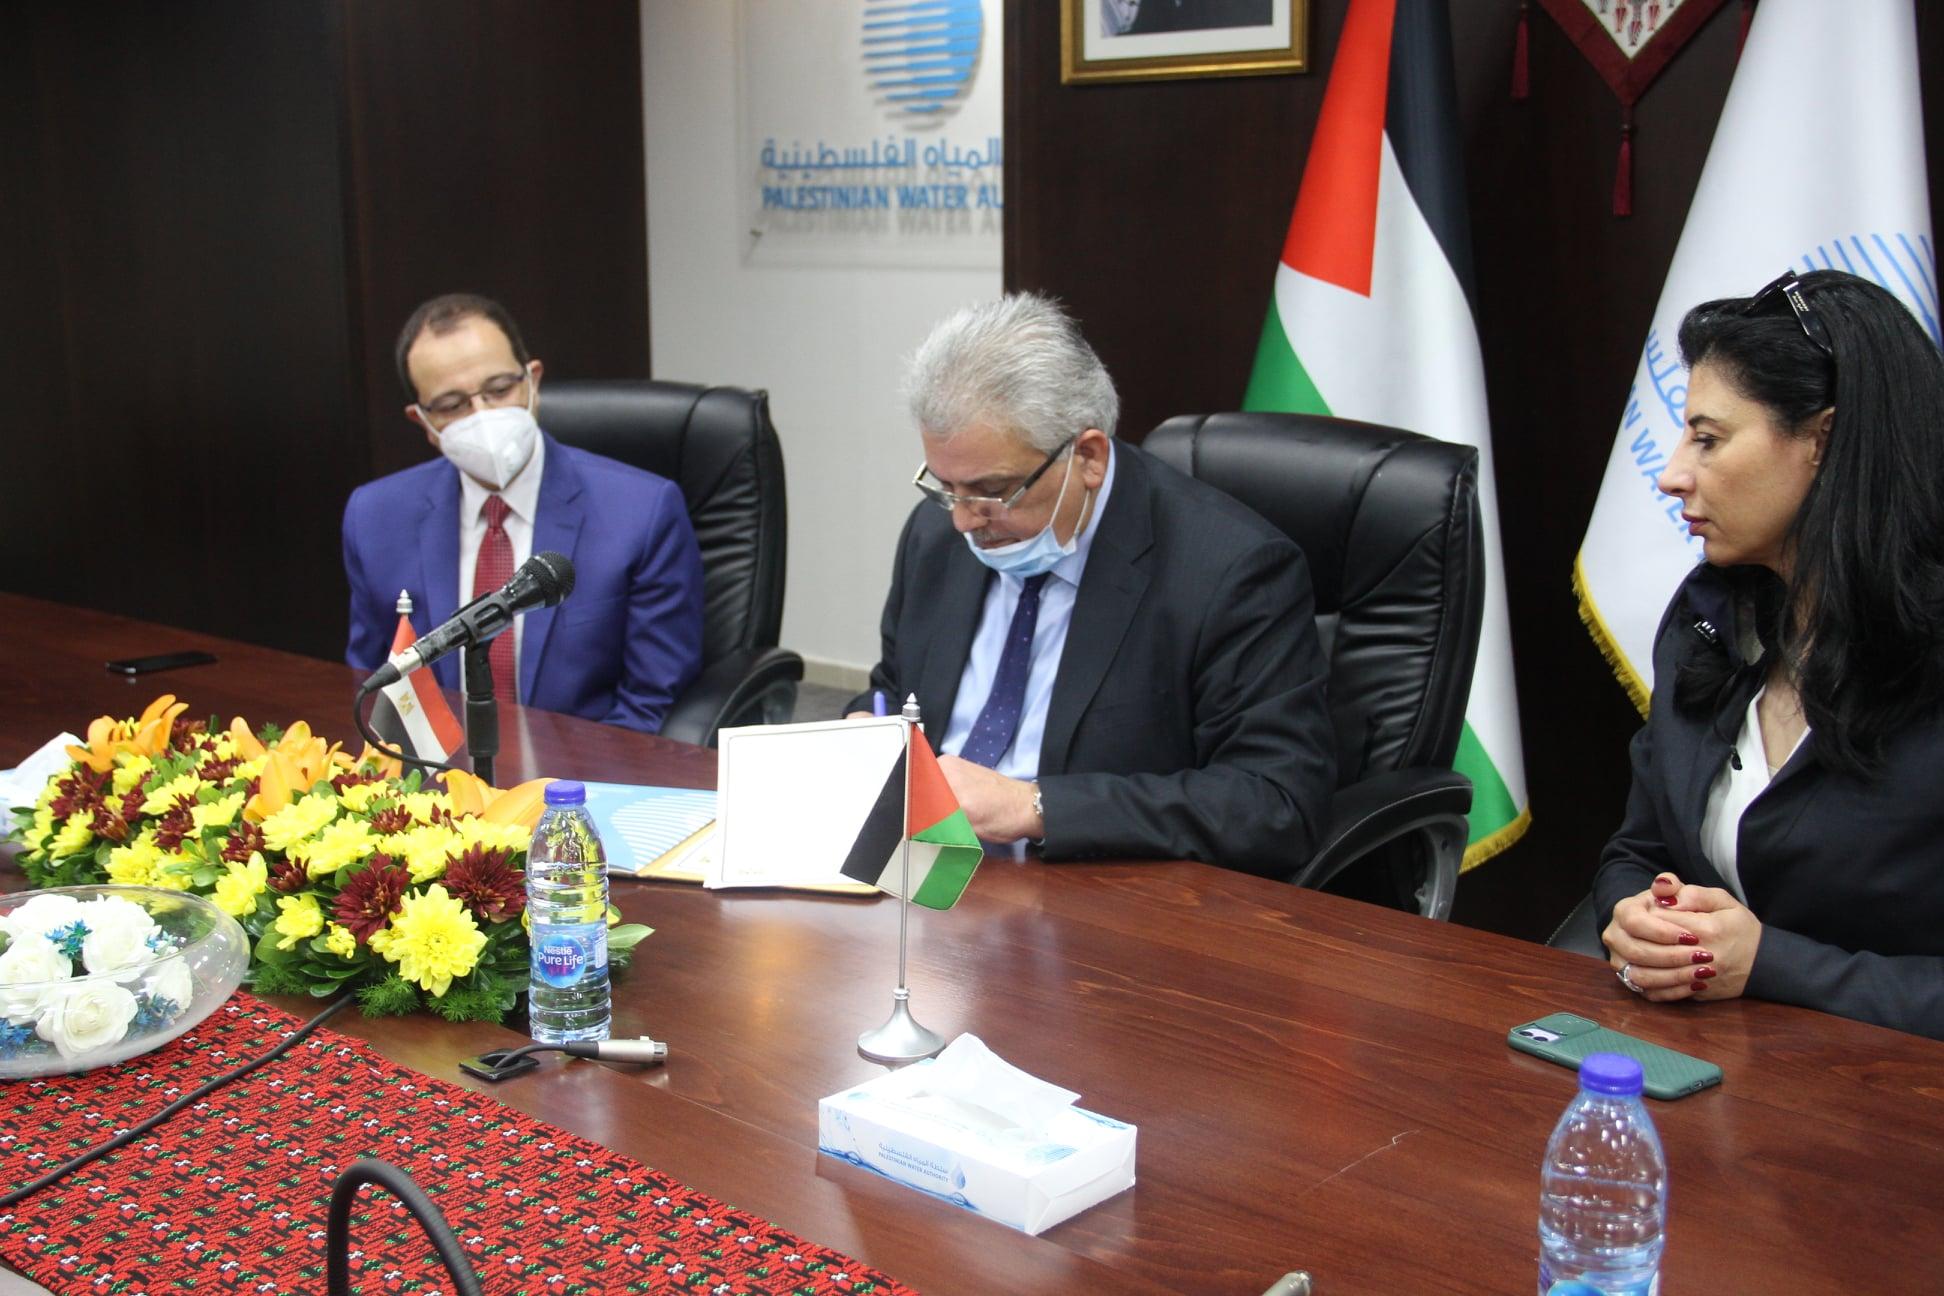 بمشاركة وزيري المياه الفلسطيني والمصري ... توقيع مذكرة تفاهم للتعاون الثنائي في مجال تطوير قدرات دولة فلسطين على إدارة الموارد المائية